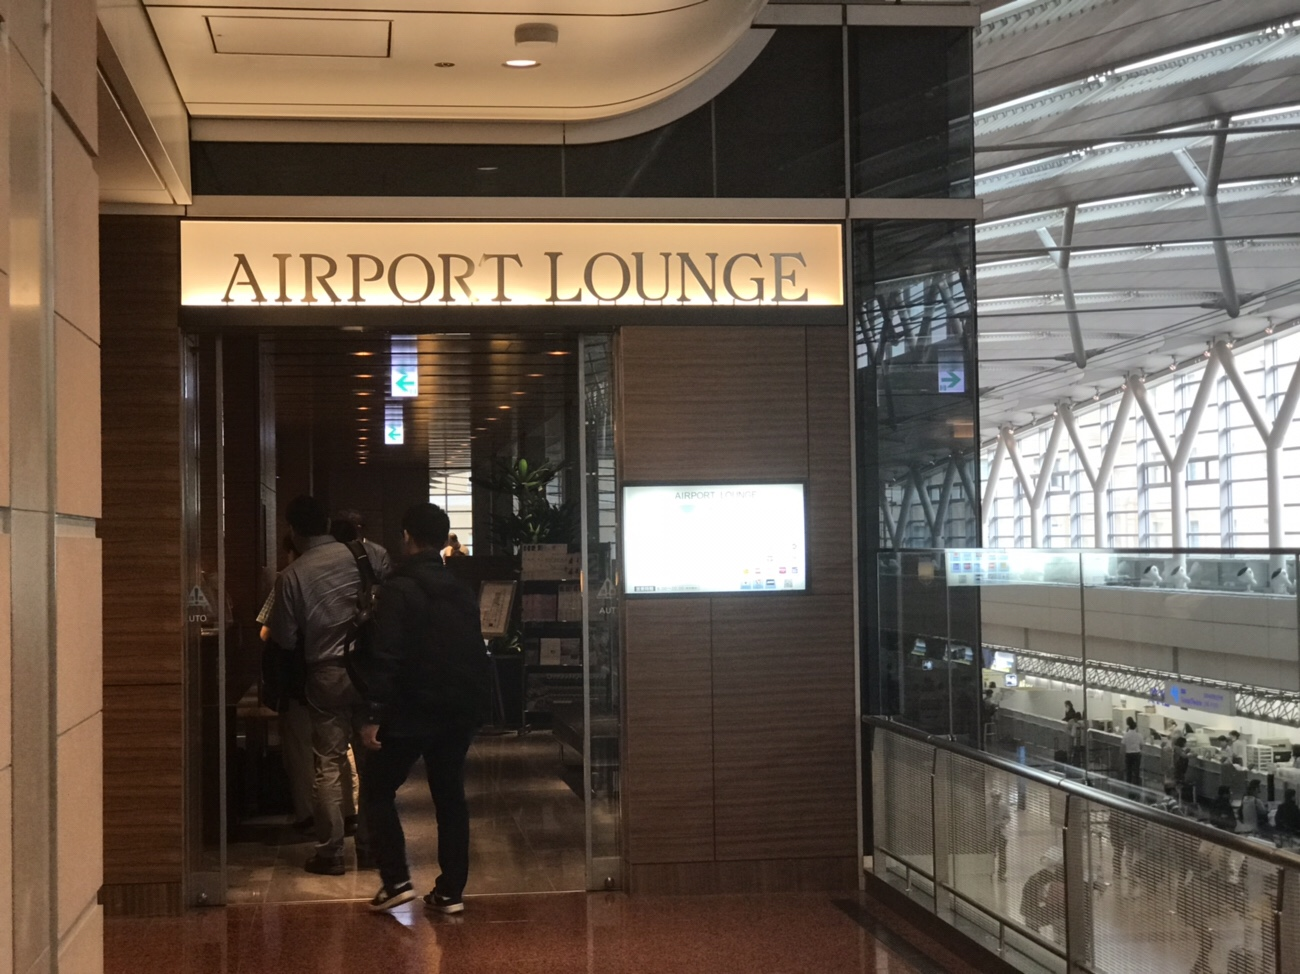 羽田空港第2ターミナル ANA カードラウンジ 空港ラウンジの無料朝食